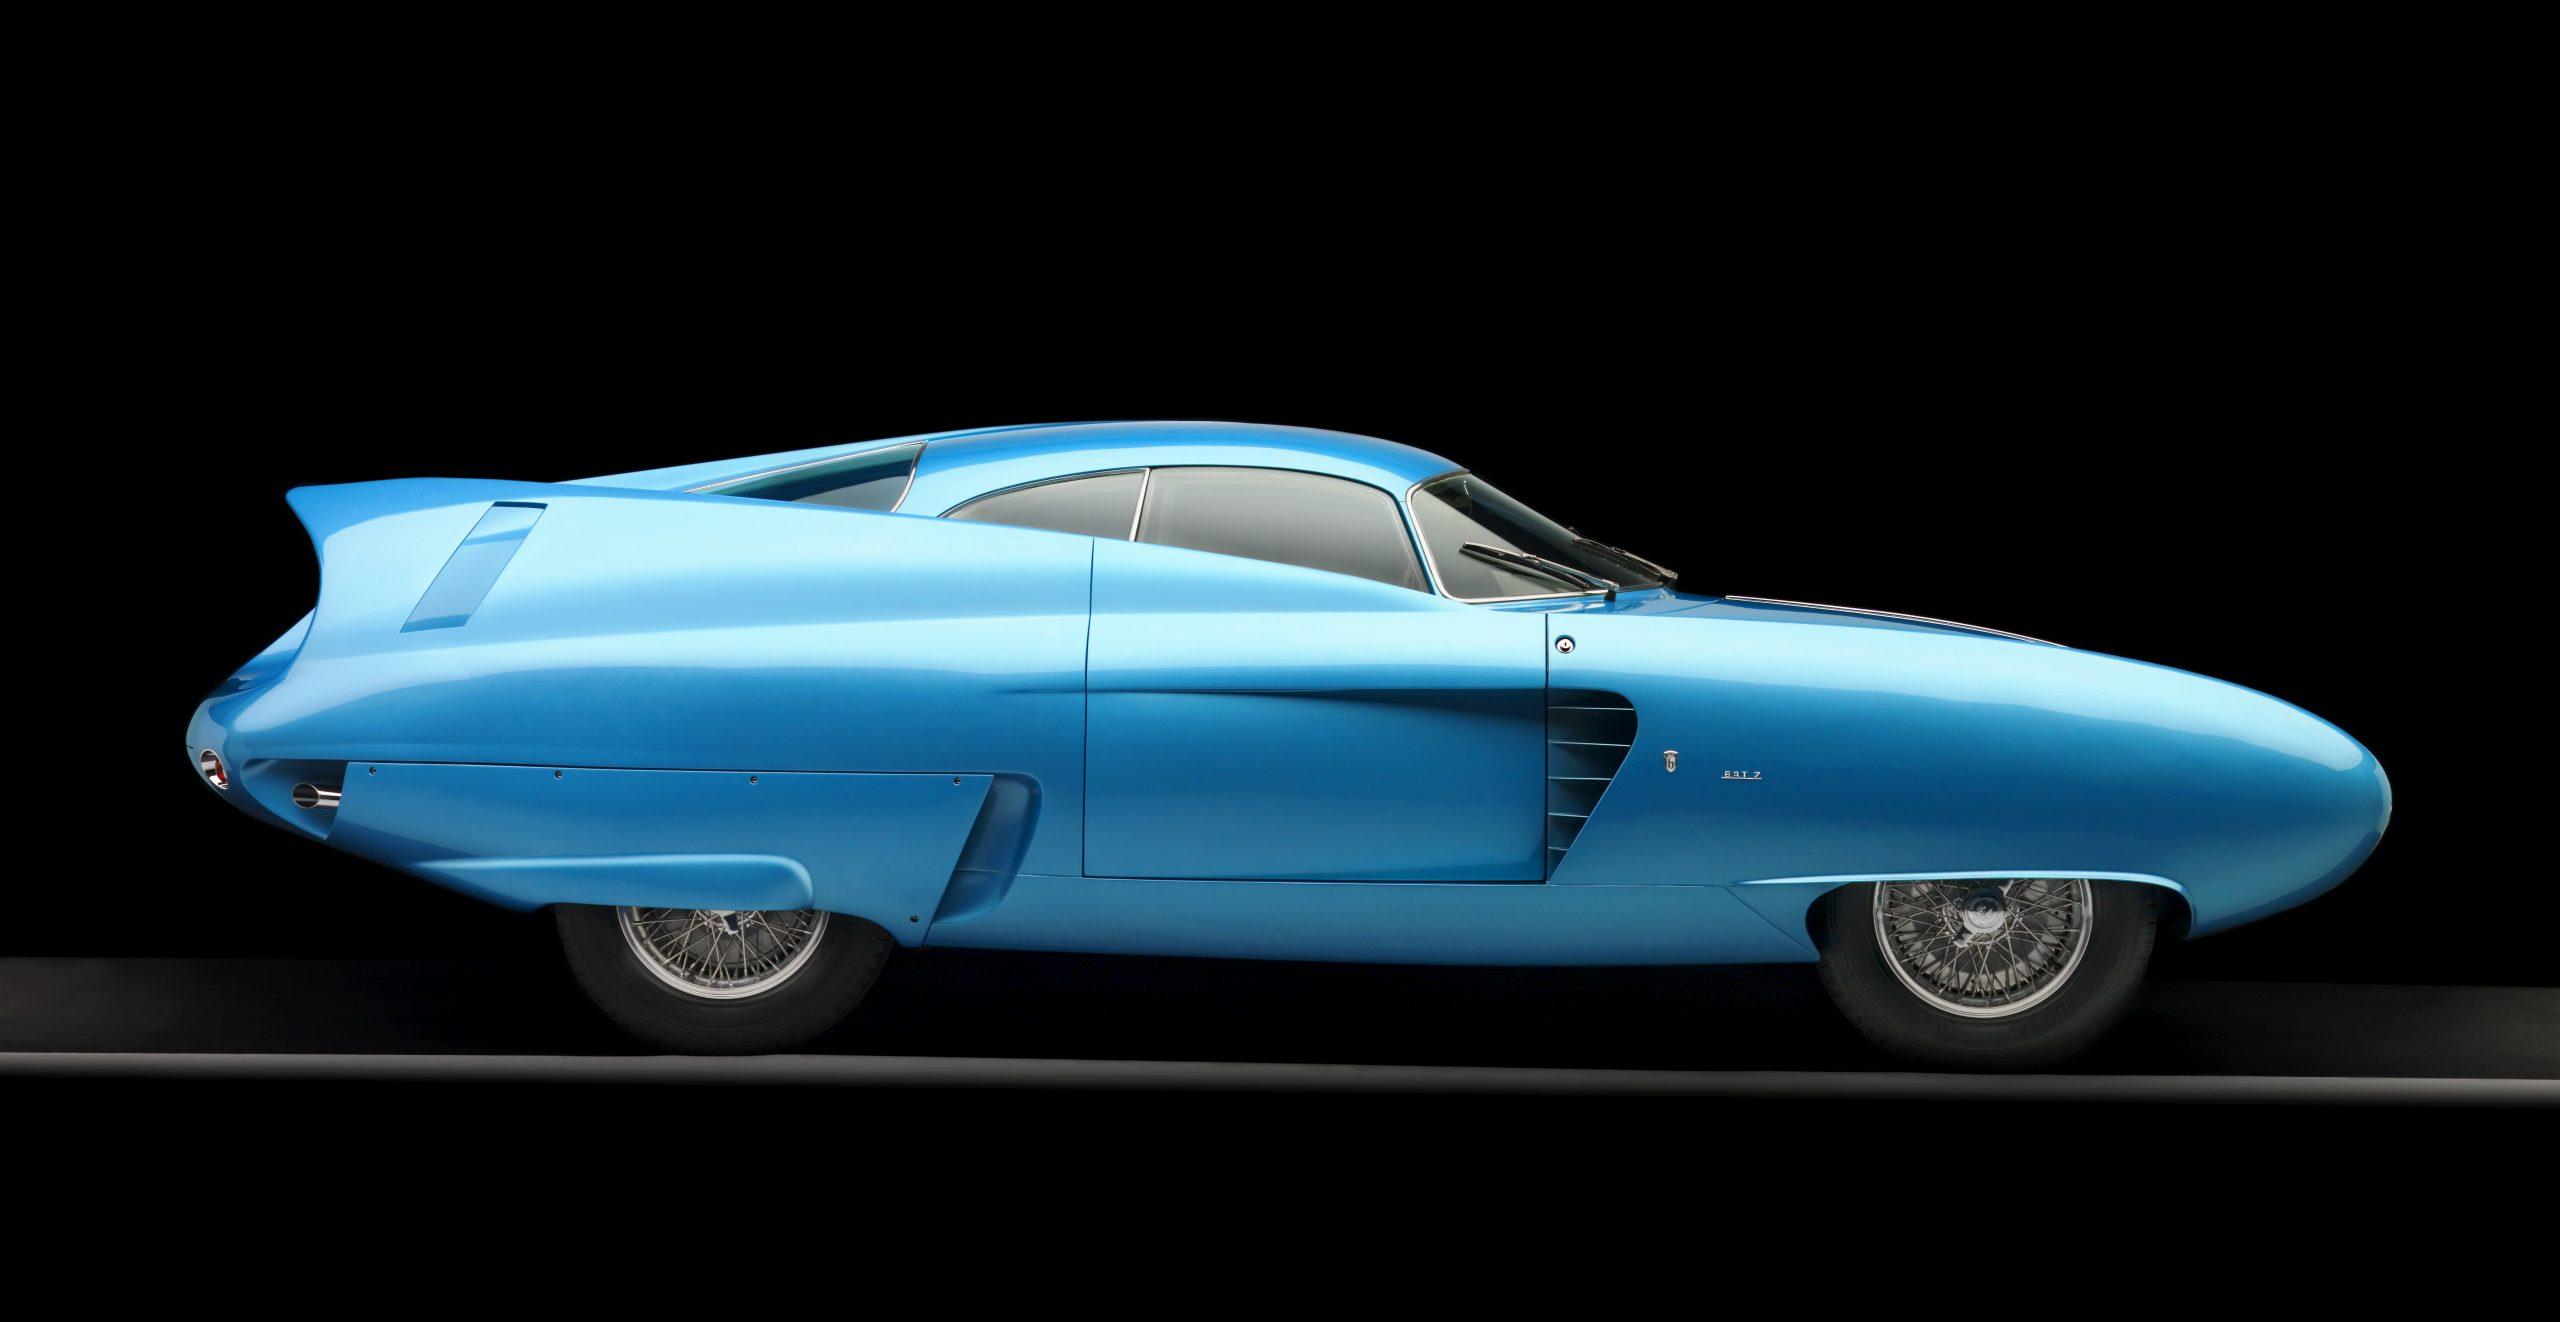 1954 Alfa Romeo Bertone B.A.T. 7 Teal Profile View Studio